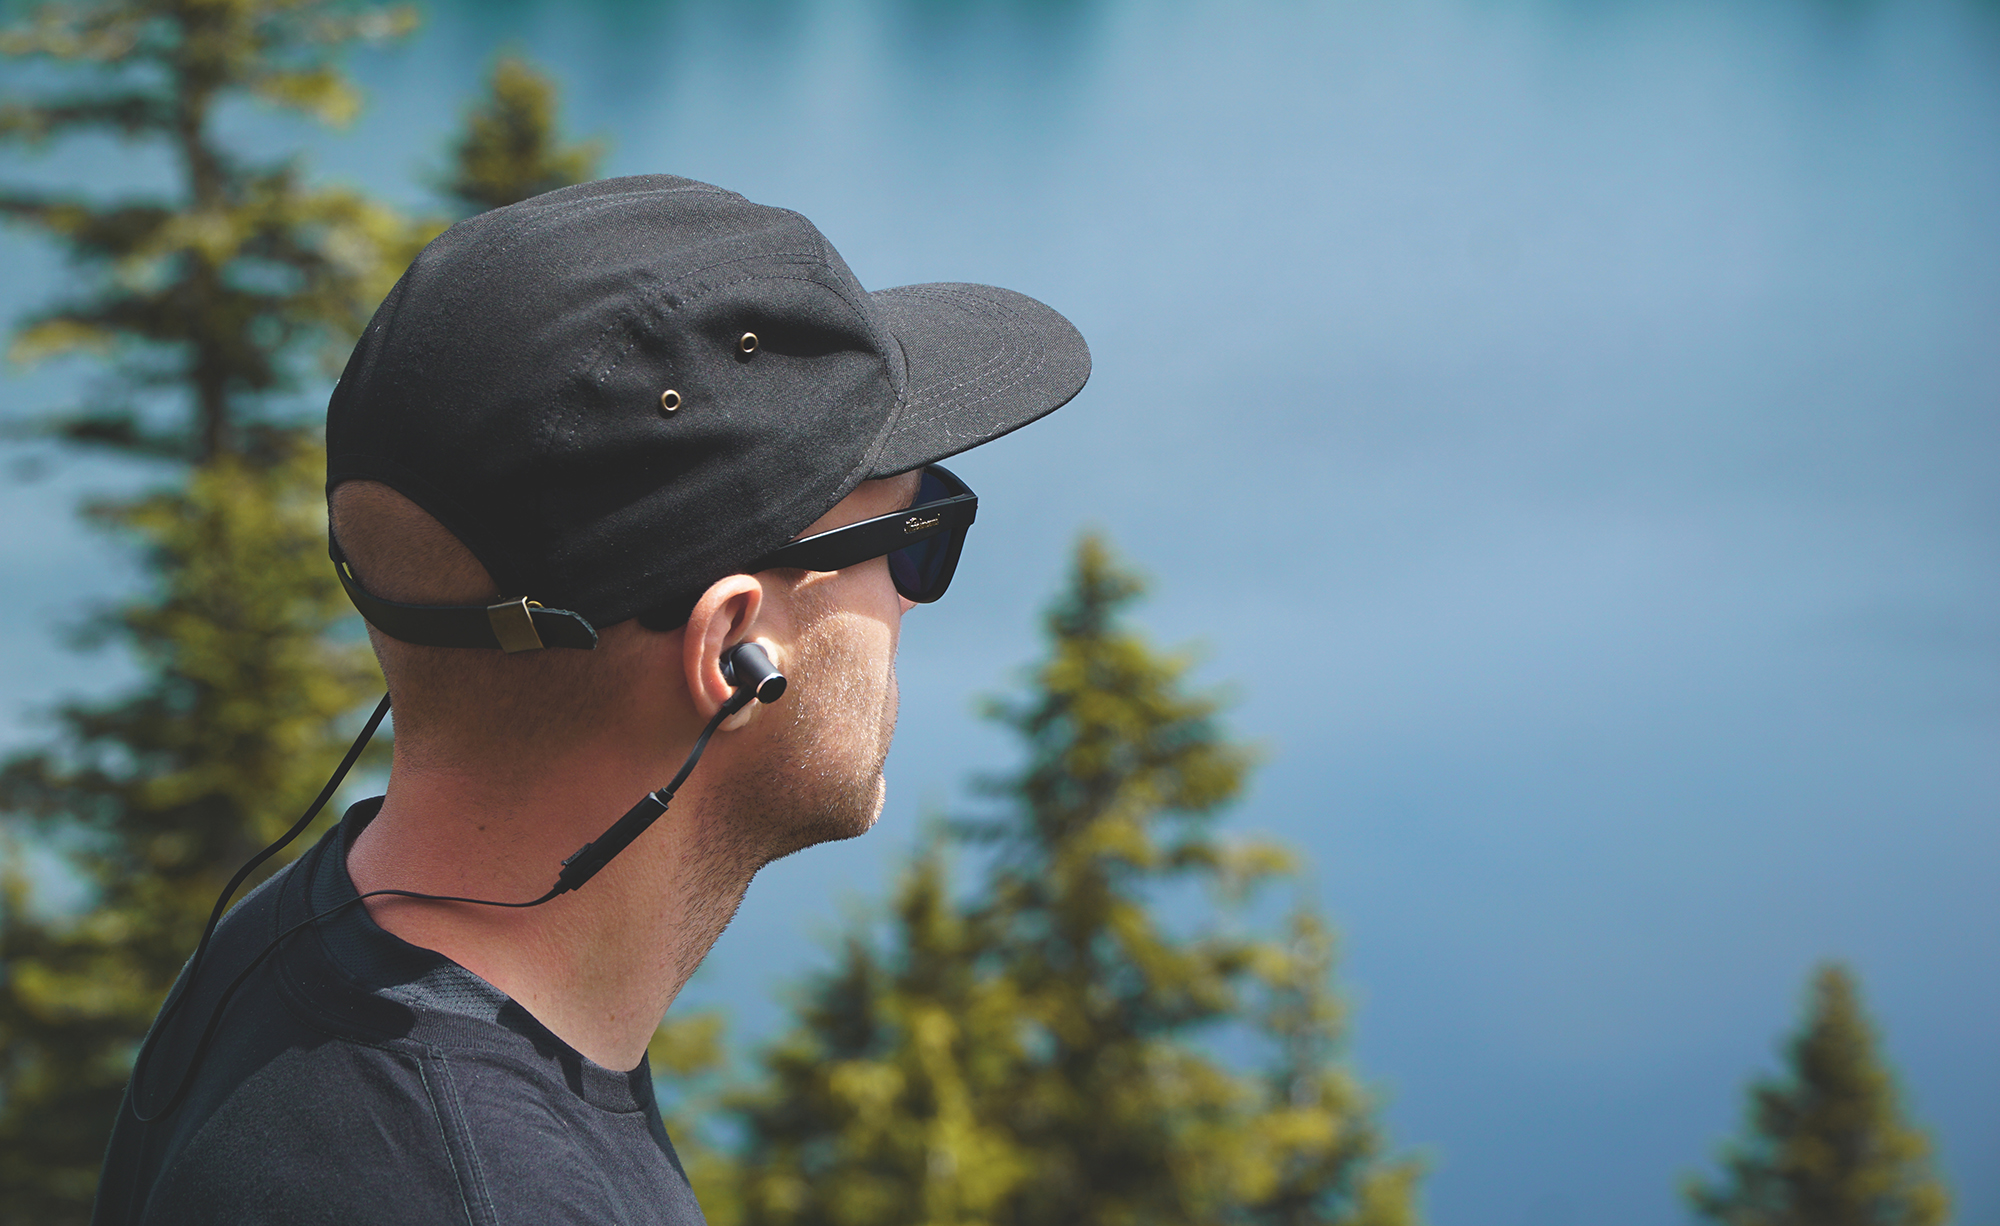 Red Fox Wireless |   www.redfoxwireless.com